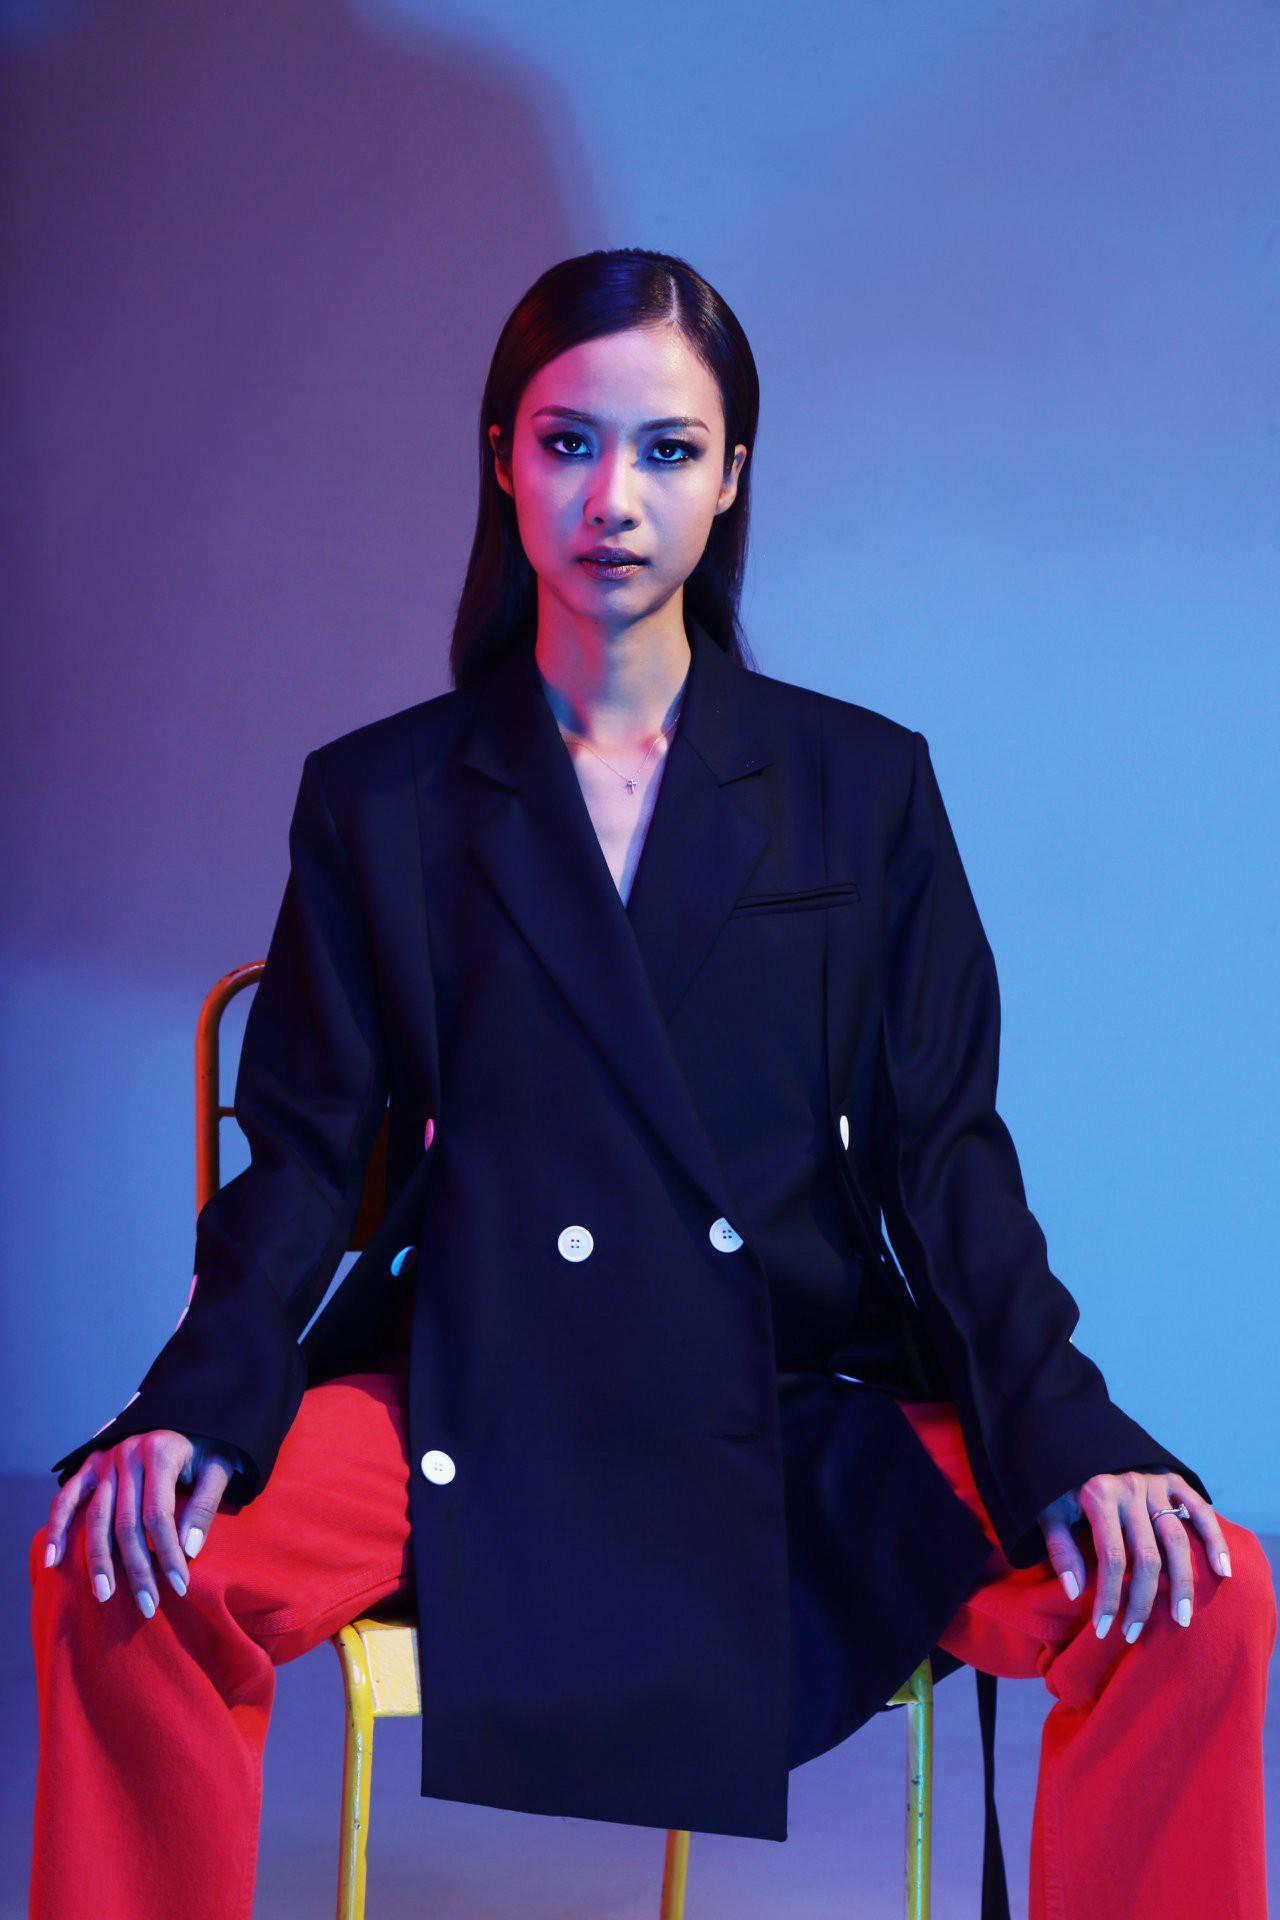 Suboi và đạo diễn Việt kiều đã huỷ hôn sau 9 năm hẹn hò? - Ảnh 5.